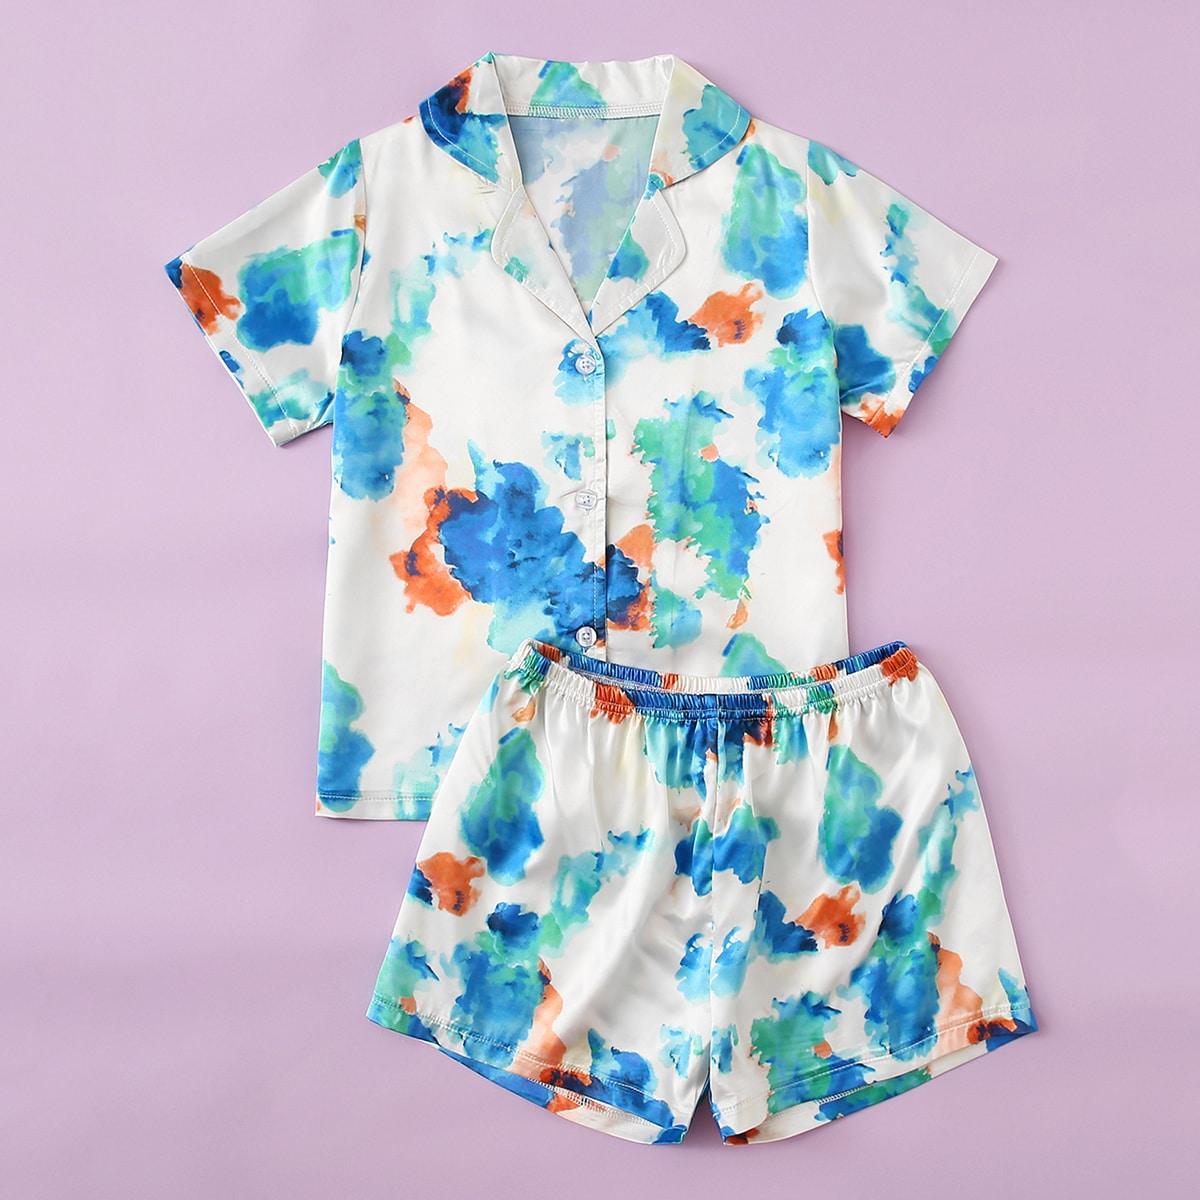 многоцветный Однобортный Галстуковый краситель Повседневный Домашняя одежда для девочек от SHEIN